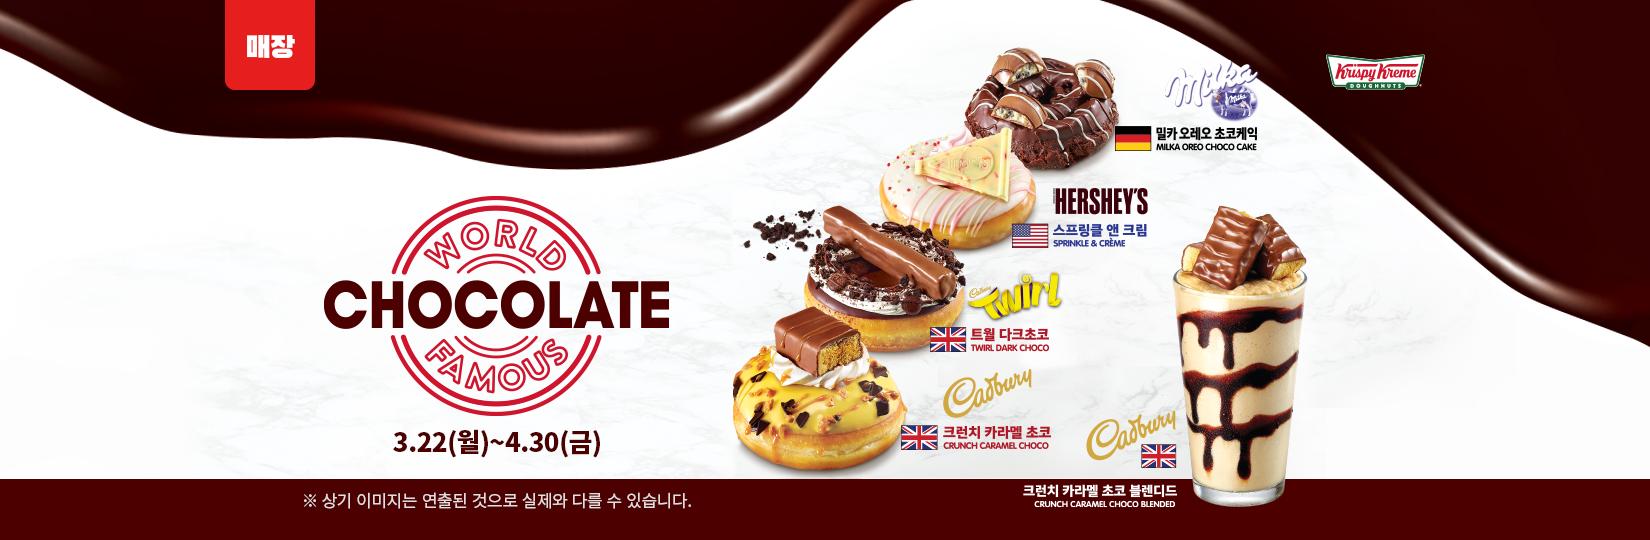 KKD) 월드페이머스 초콜릿 신제품 출시